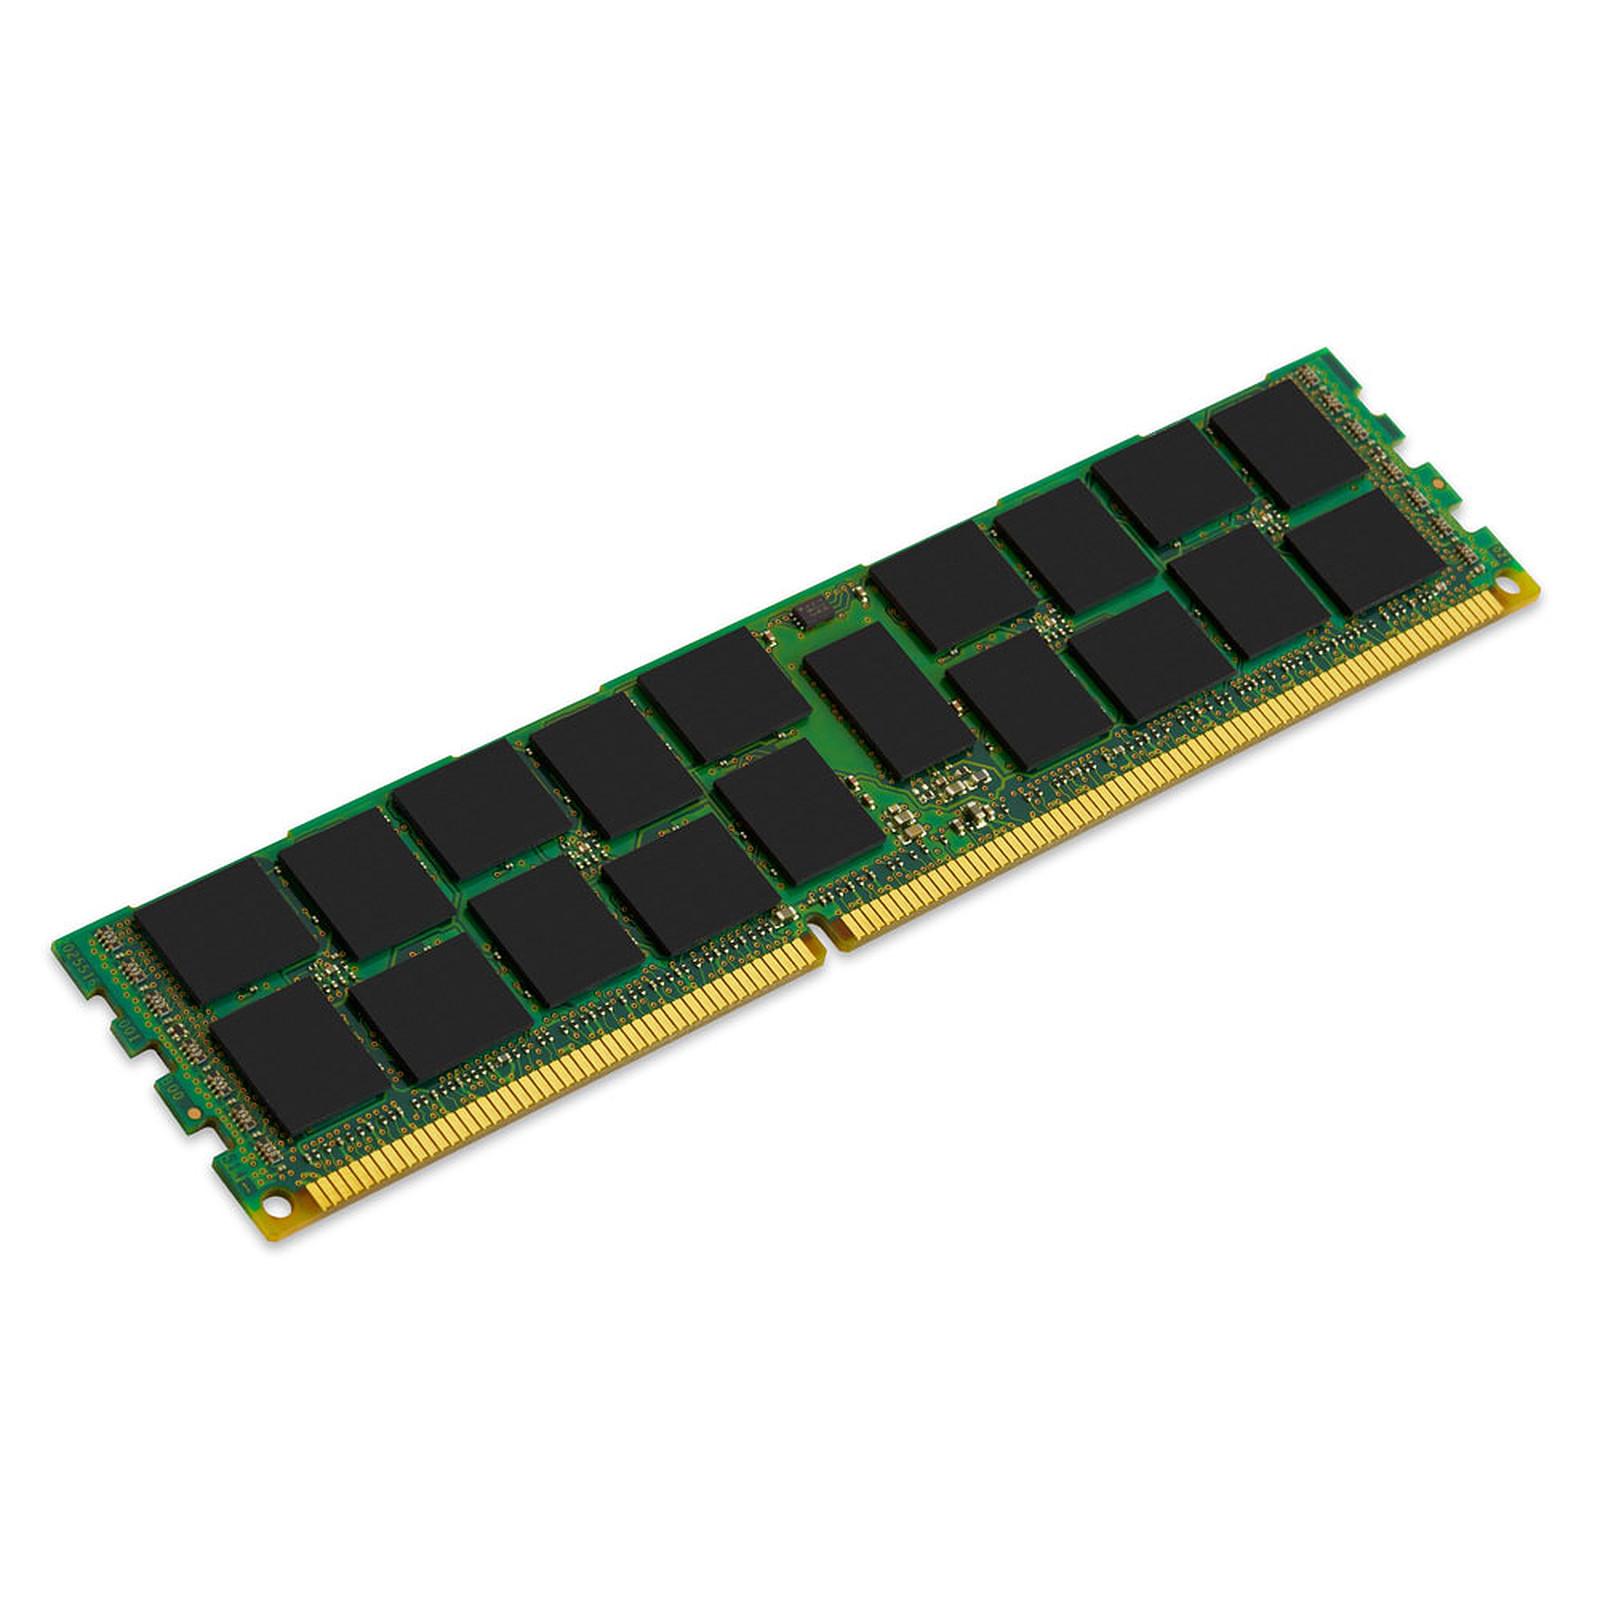 Kingston for Dell 4 Go DDR3 1600 MHz ECC Registered